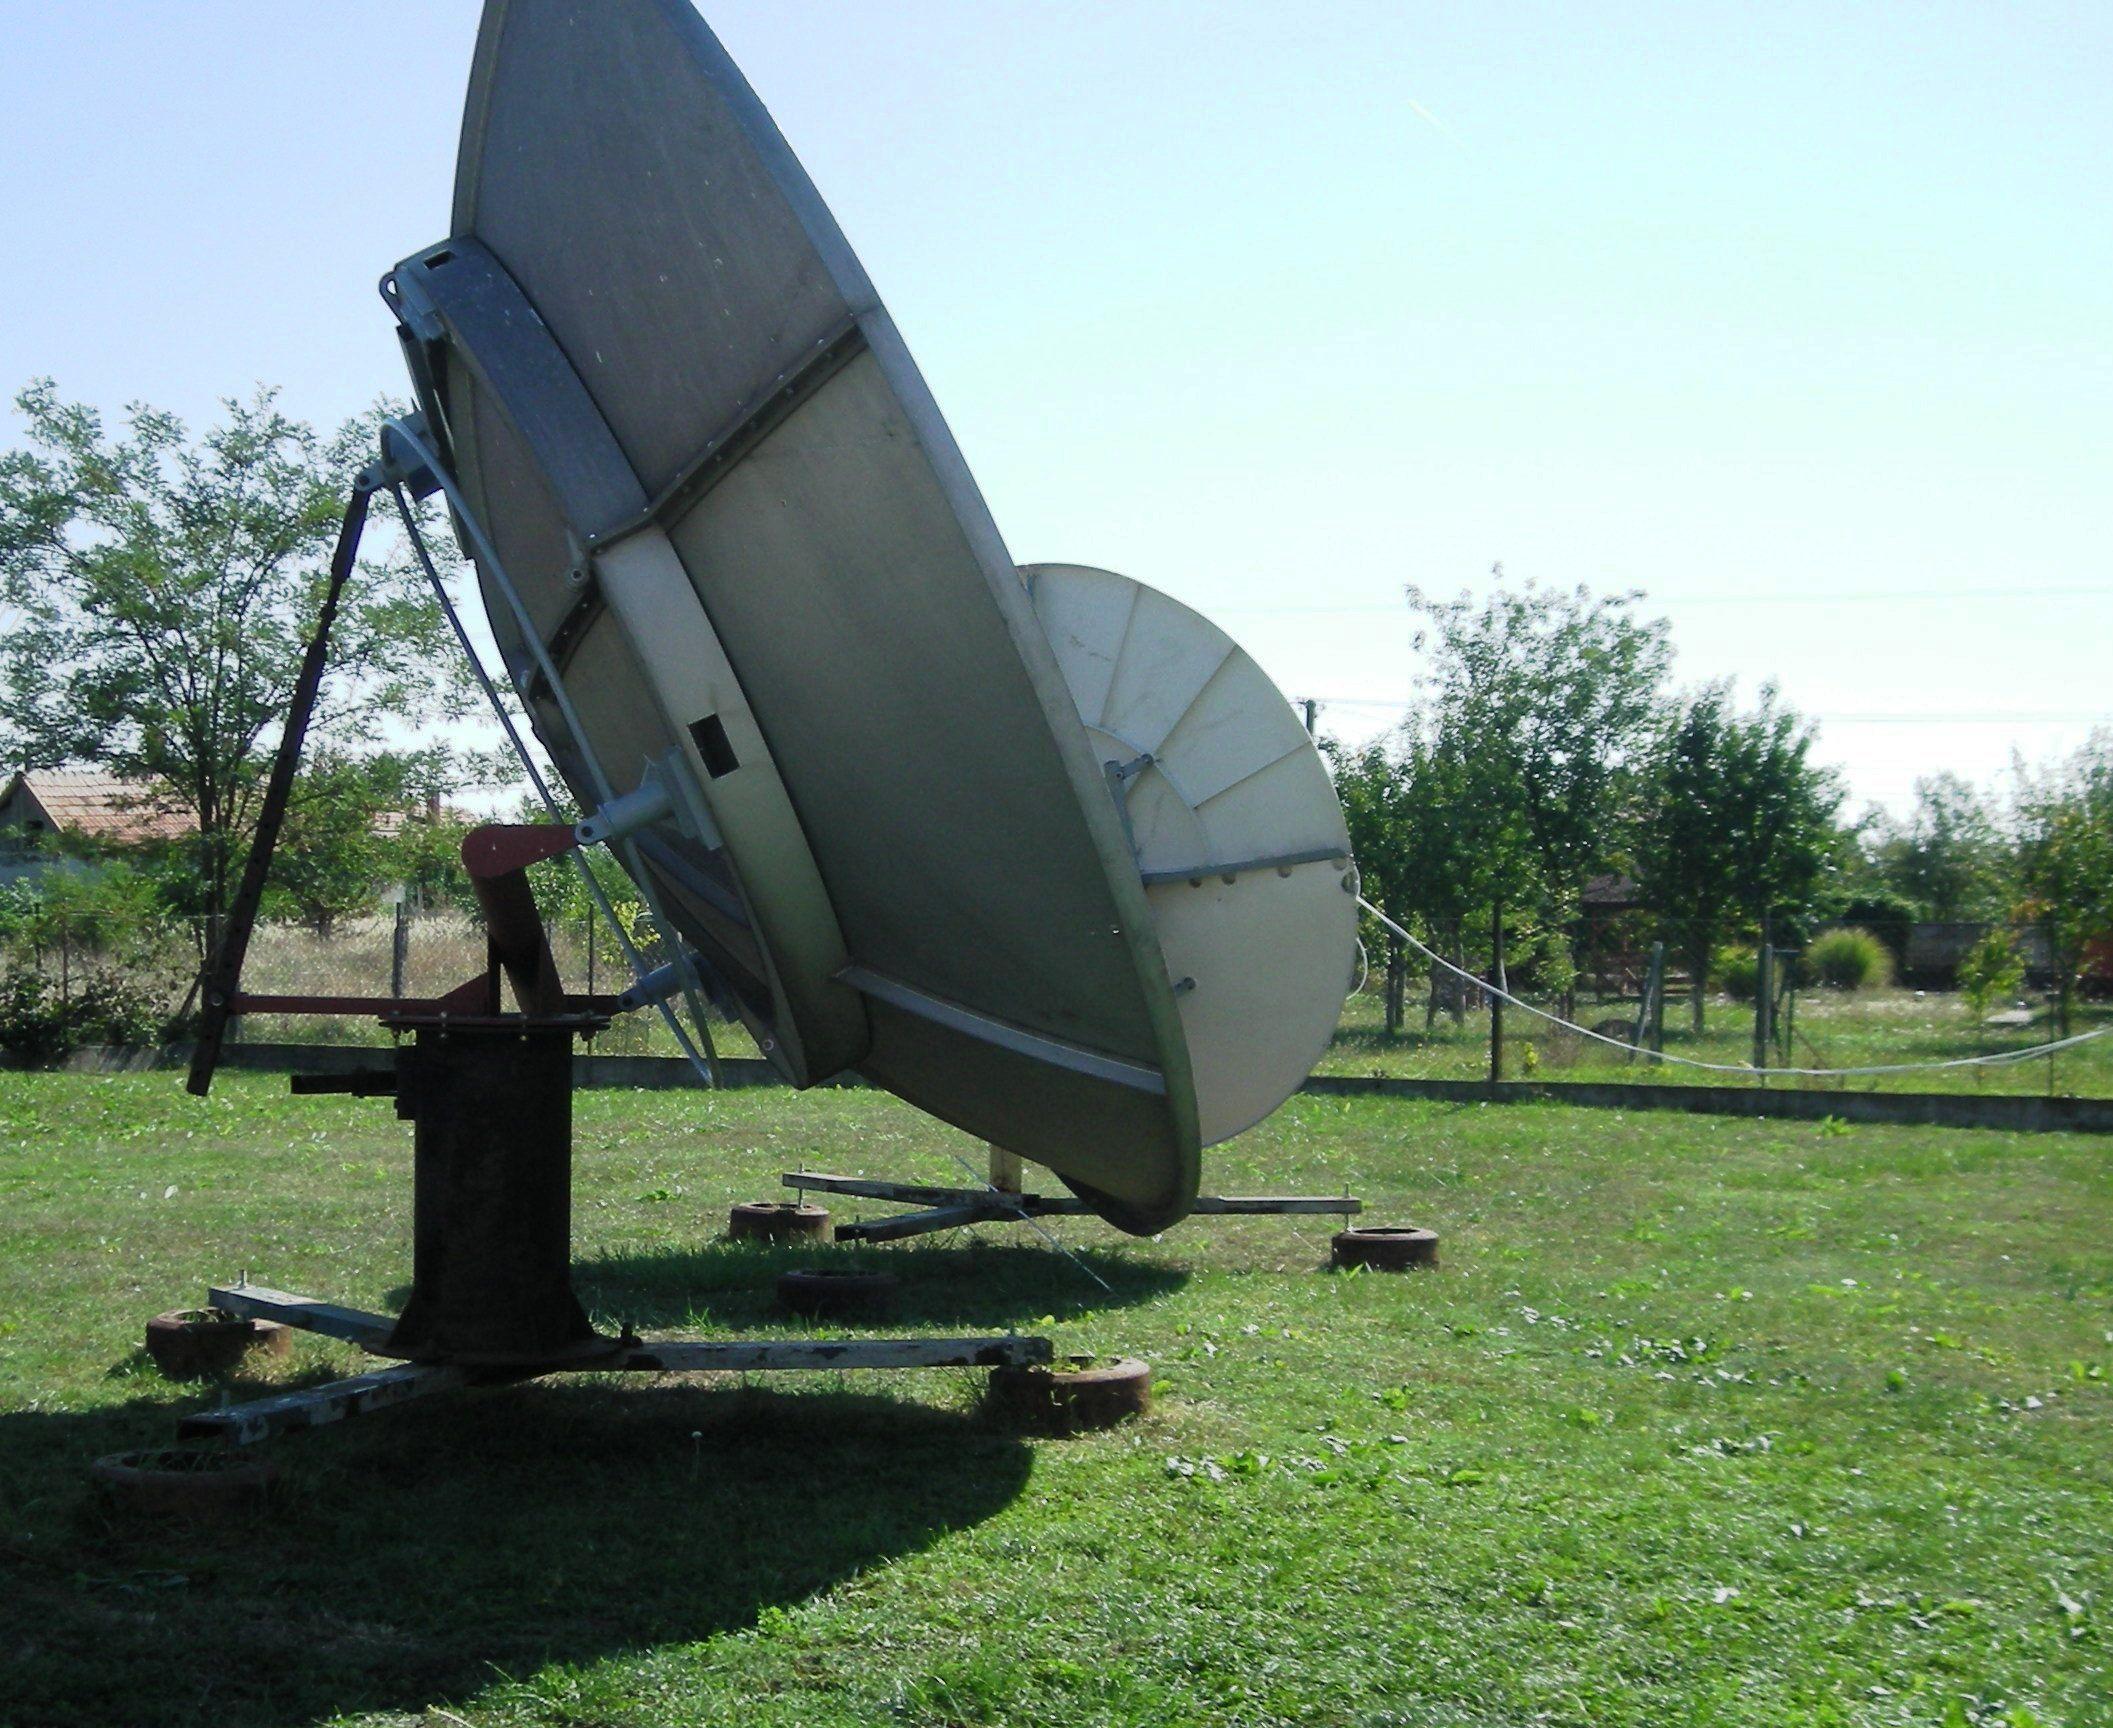 Nagy méretű parabola antenna.